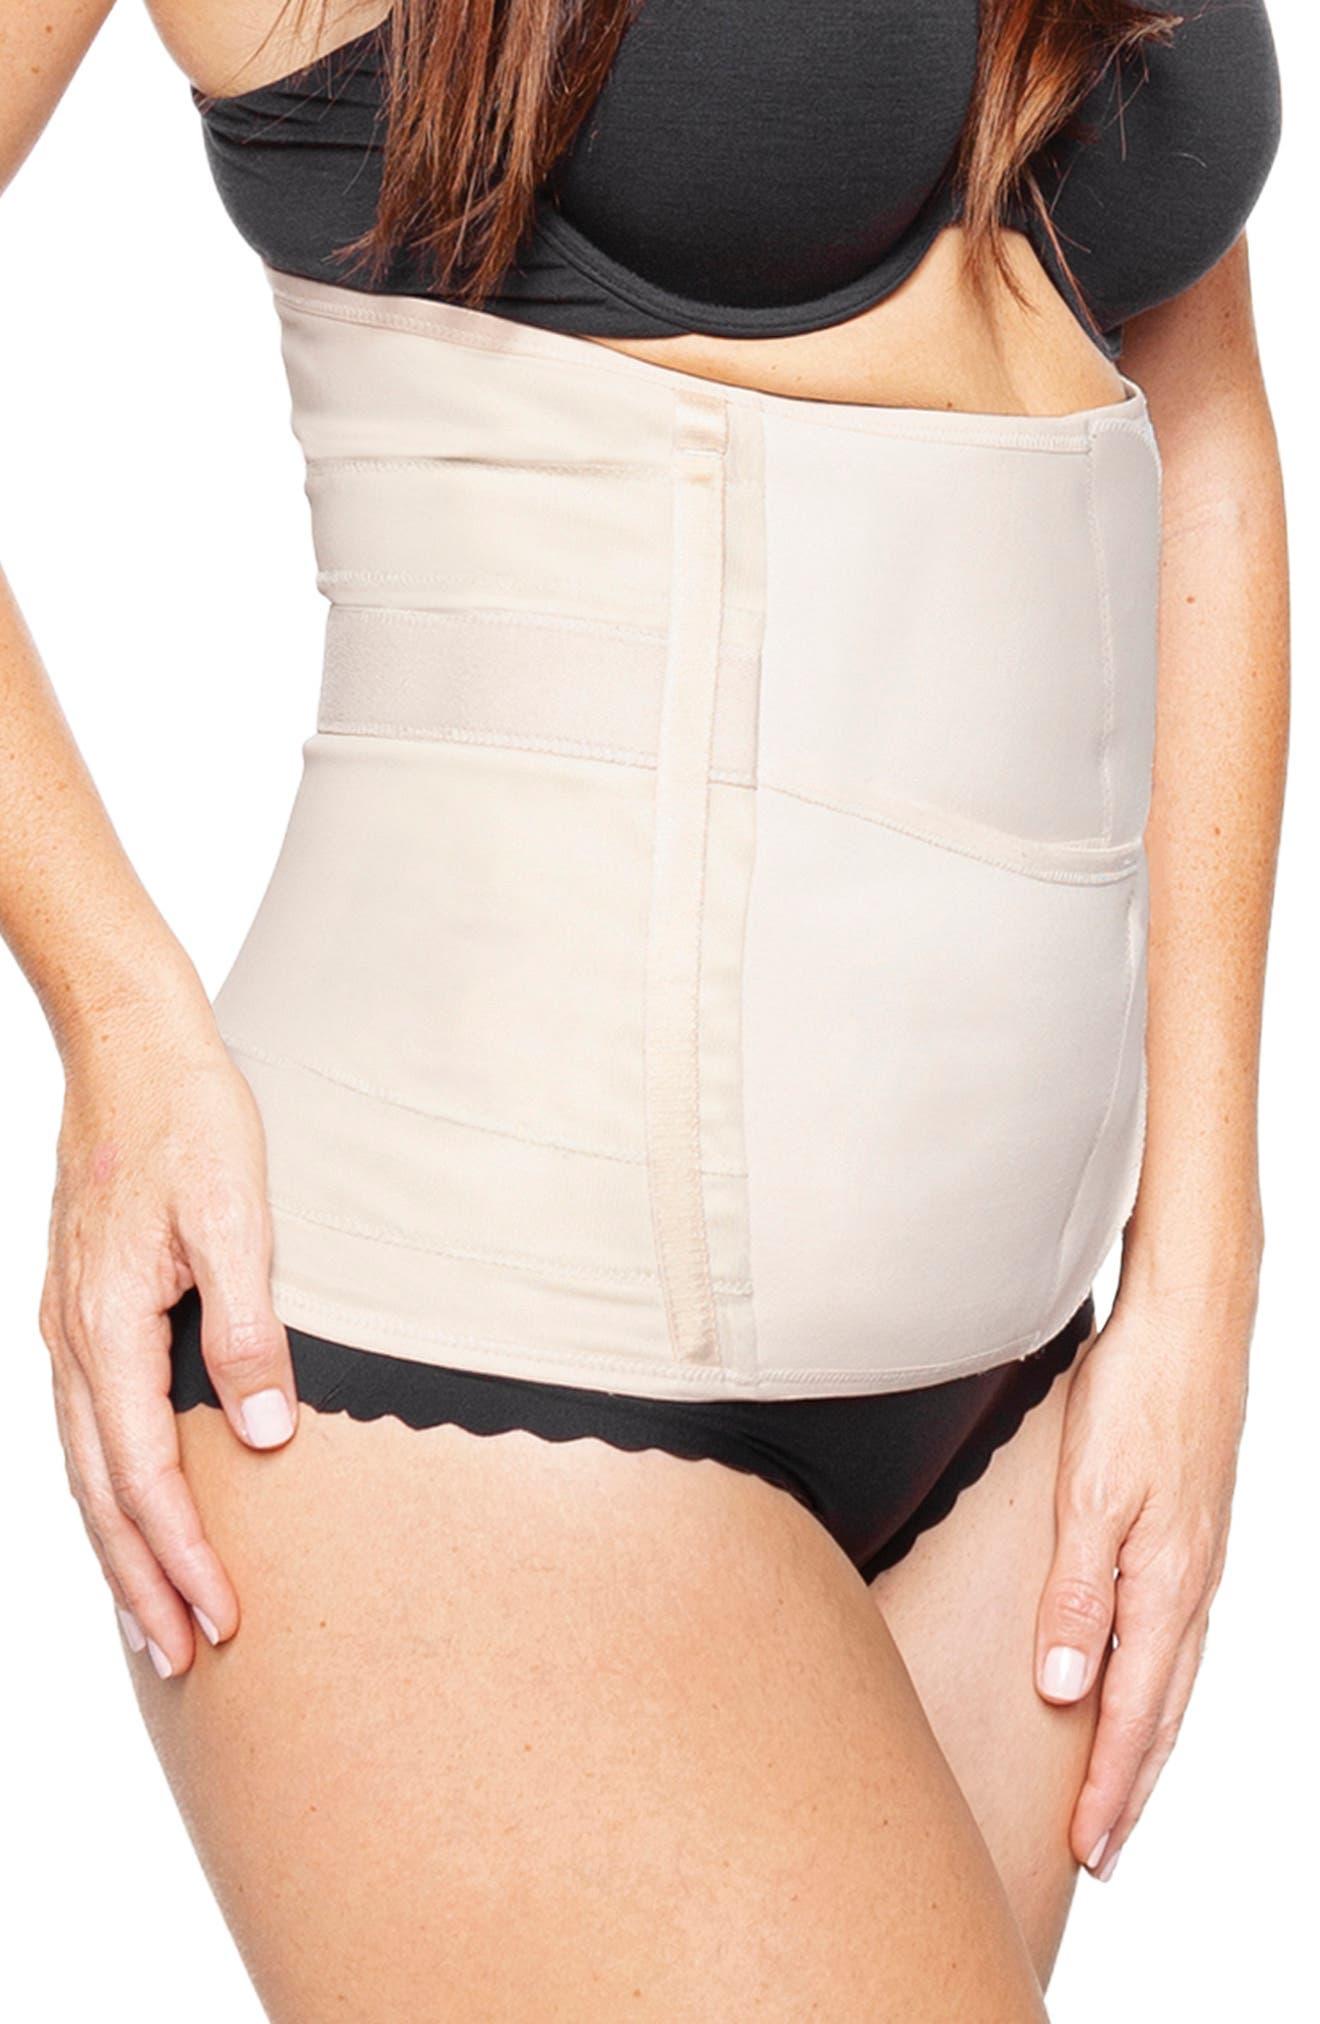 Women's Belly Bandit Luxe Belly Wrap